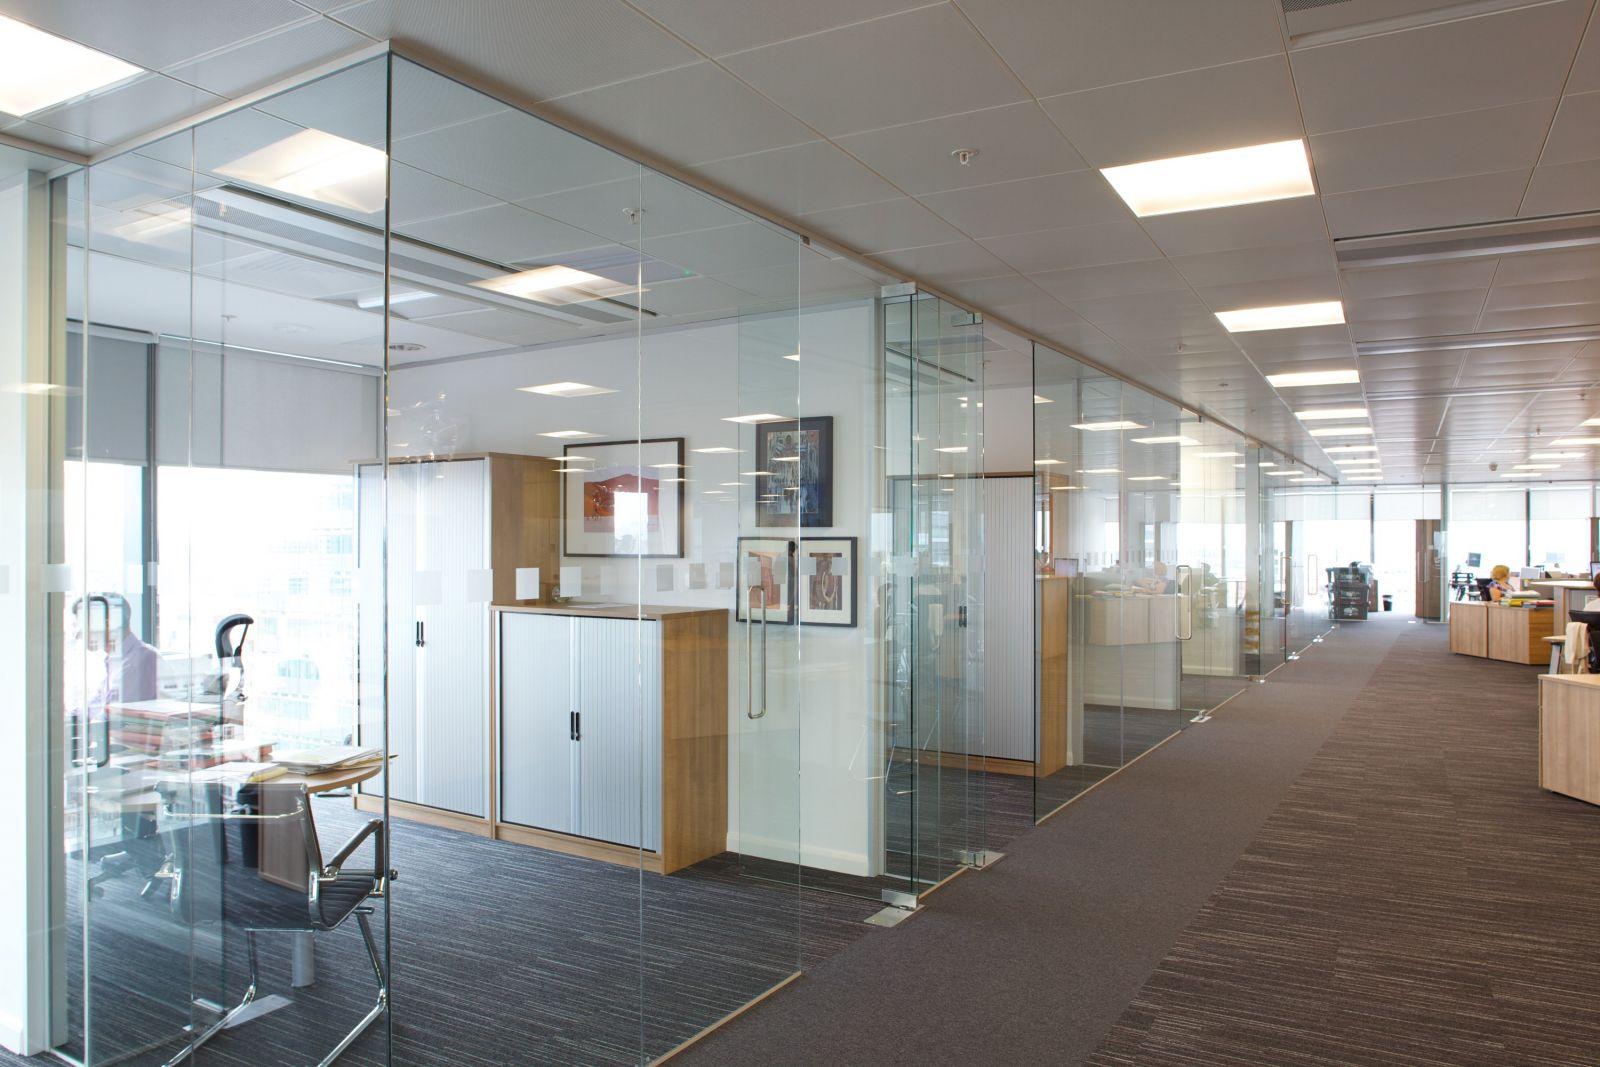 Cho thuê văn phòng chung cư Taseco Complex - Liên hệ ngay chủ đầu tư